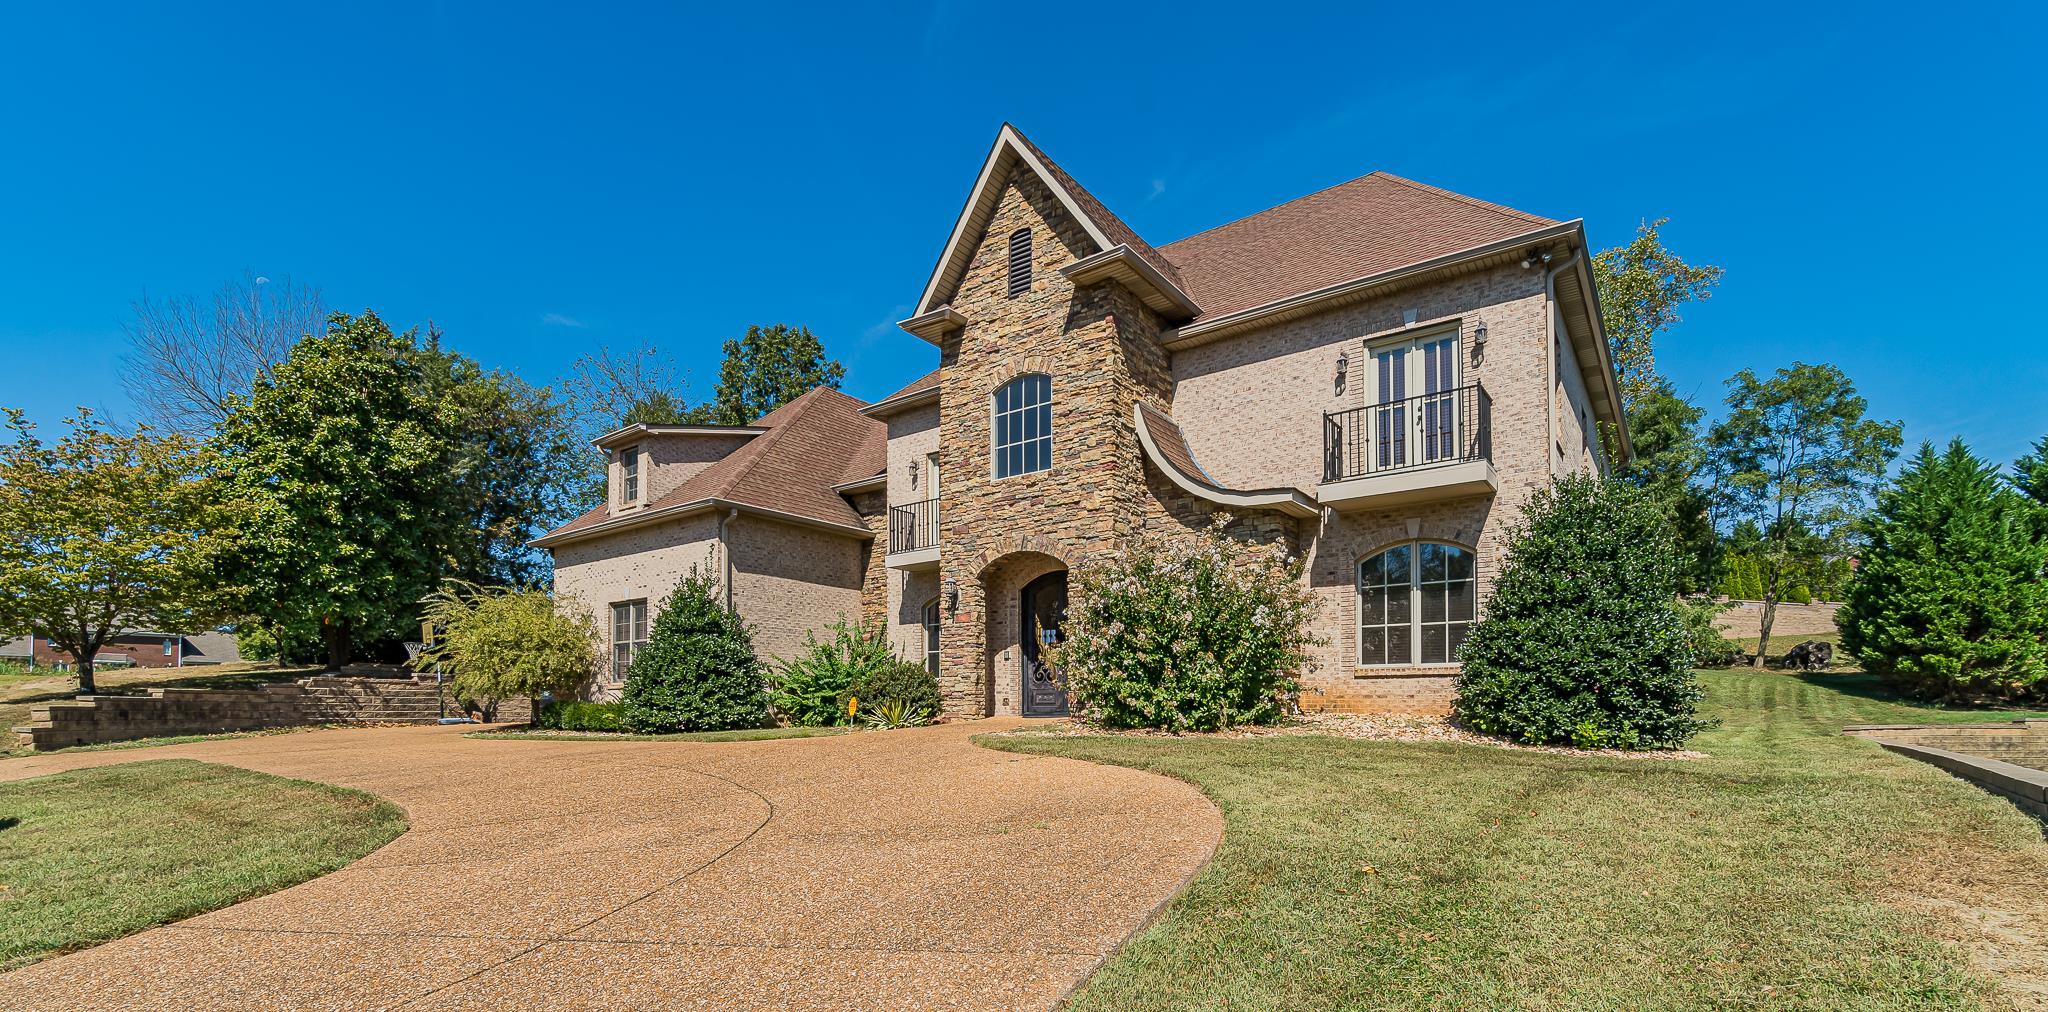 801 Salisbury Way, Clarksville, TN 37043 - Clarksville, TN real estate listing